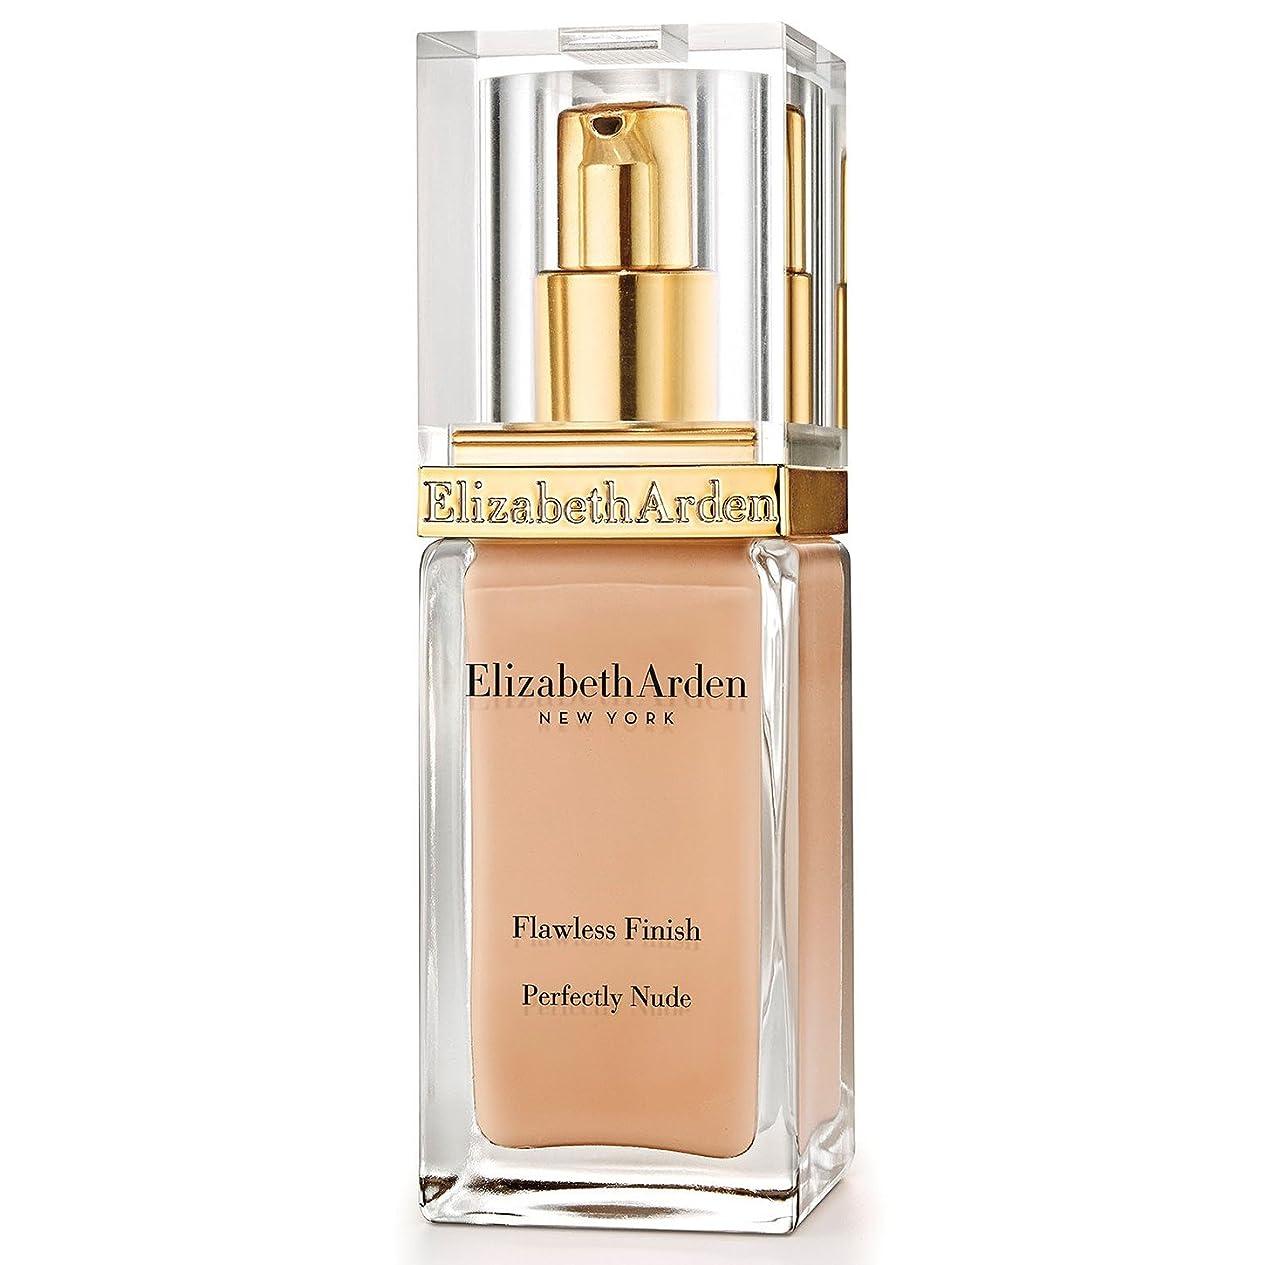 収束アウター熟読するエリザベスは、完璧な仕上がり完璧ヌードファンデーション 15ハニーベージュをアーデン x4 - Elizabeth Arden Flawless Finish Perfectly Nude Foundation SPF 15 Honey Beige (Pack of 4) [並行輸入品]